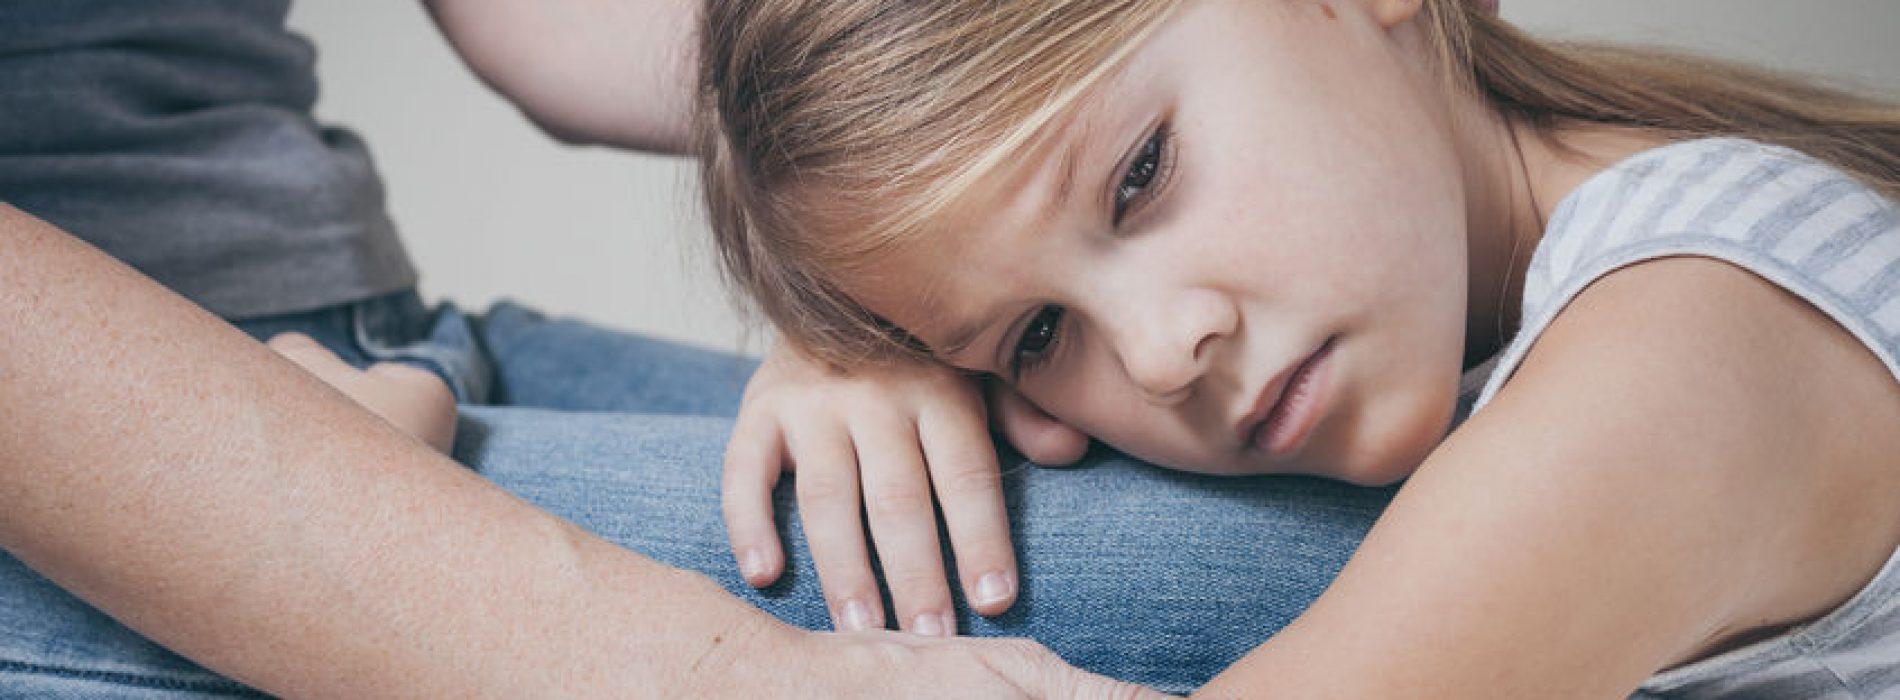 Objawy zaburzeń integracji sensorycznej?